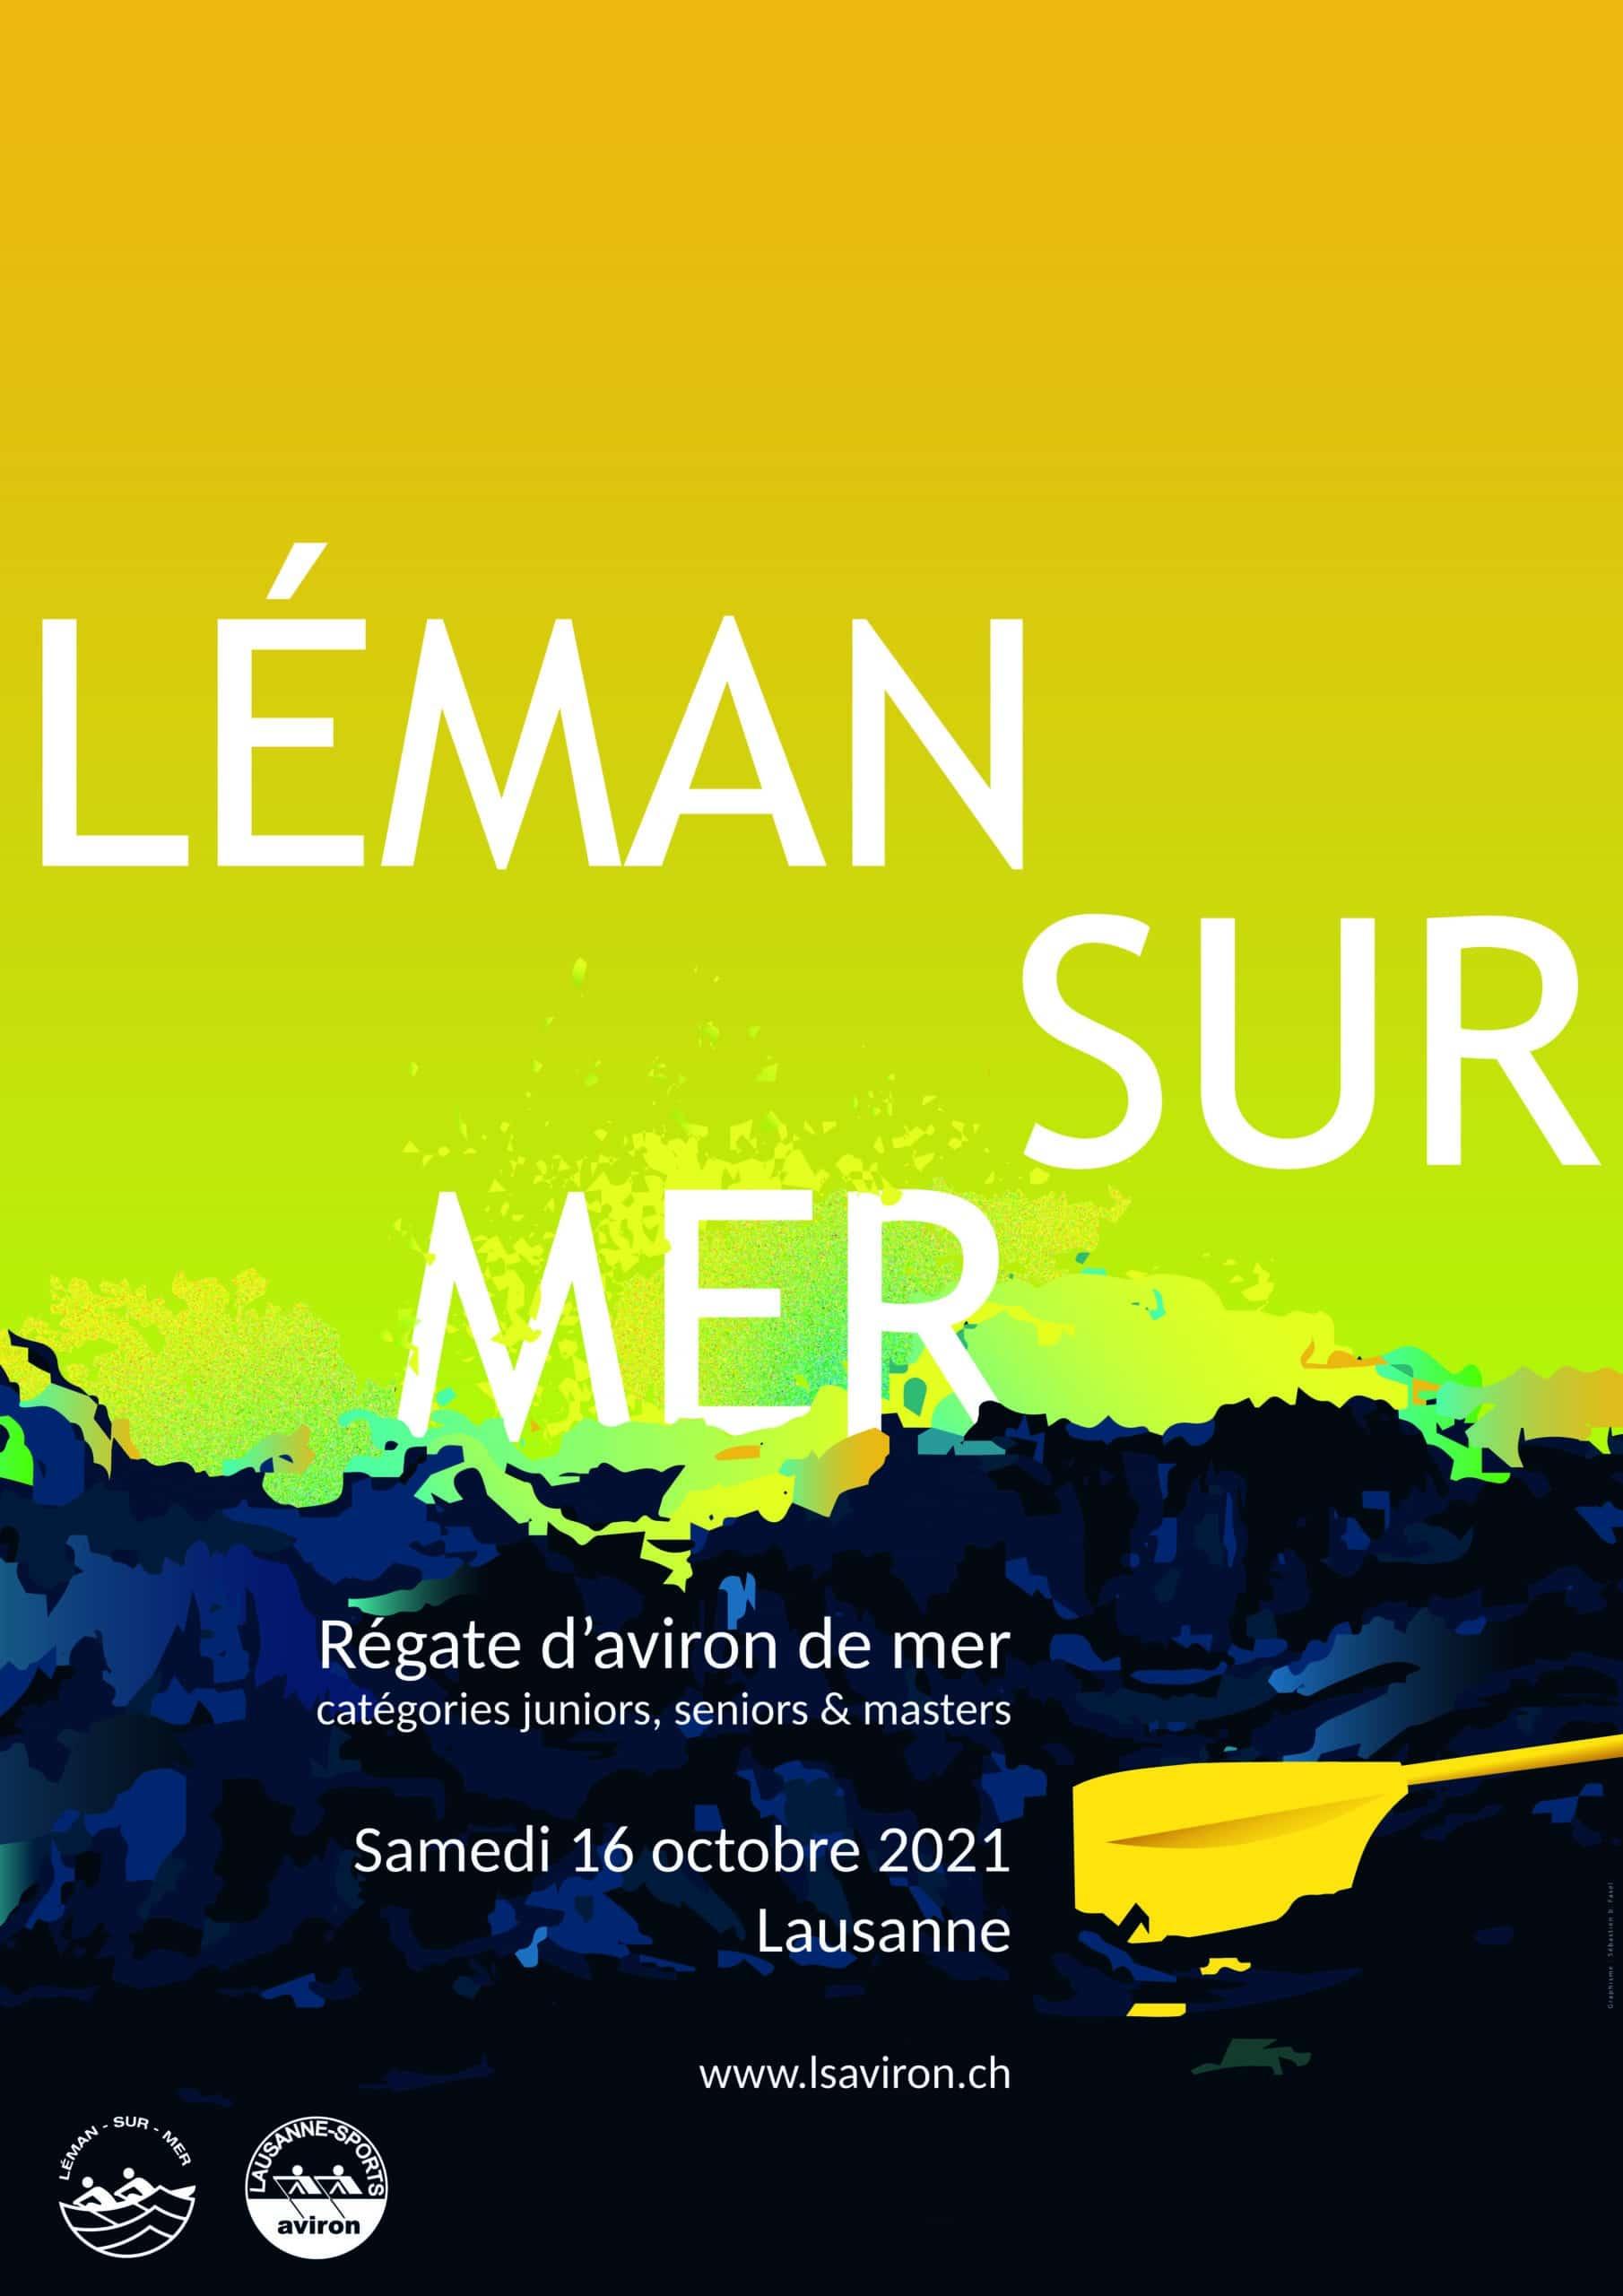 Léman sur mer, régate d'aviron sur le Léman